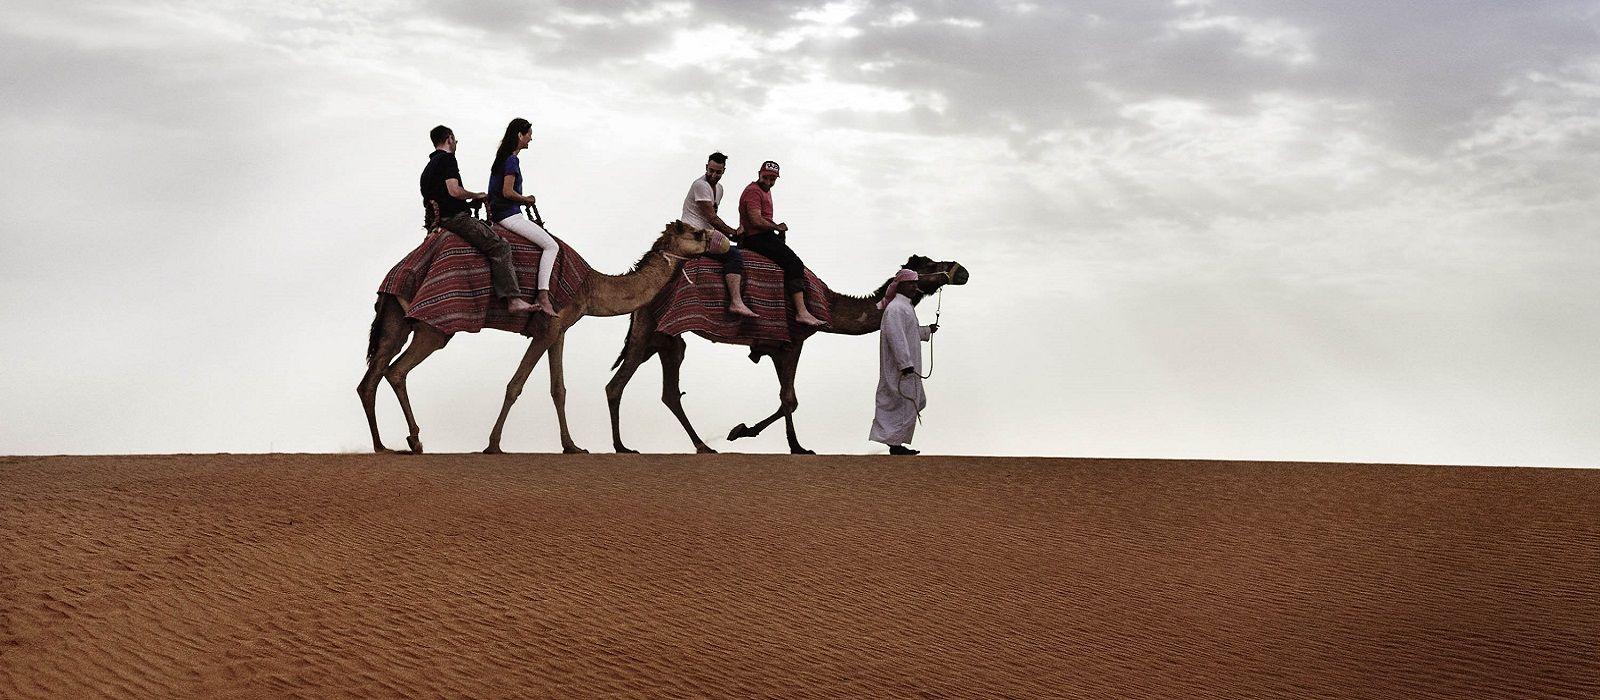 Surreal Sands: Dubai and Maldives Tour Trip 4